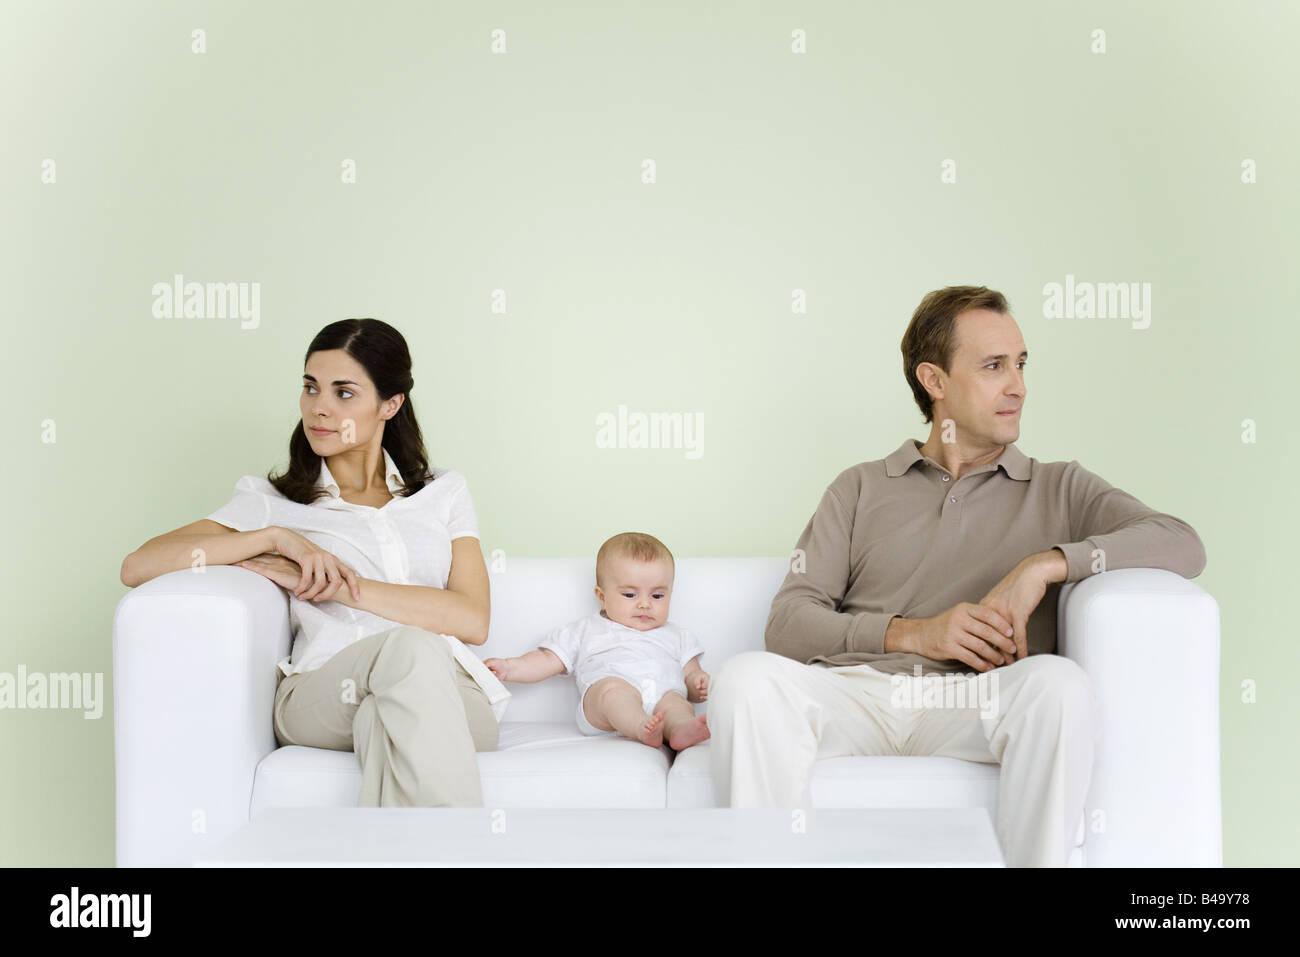 Couple sitting on couch avec bébé entre eux, tant à l'écart Banque D'Images